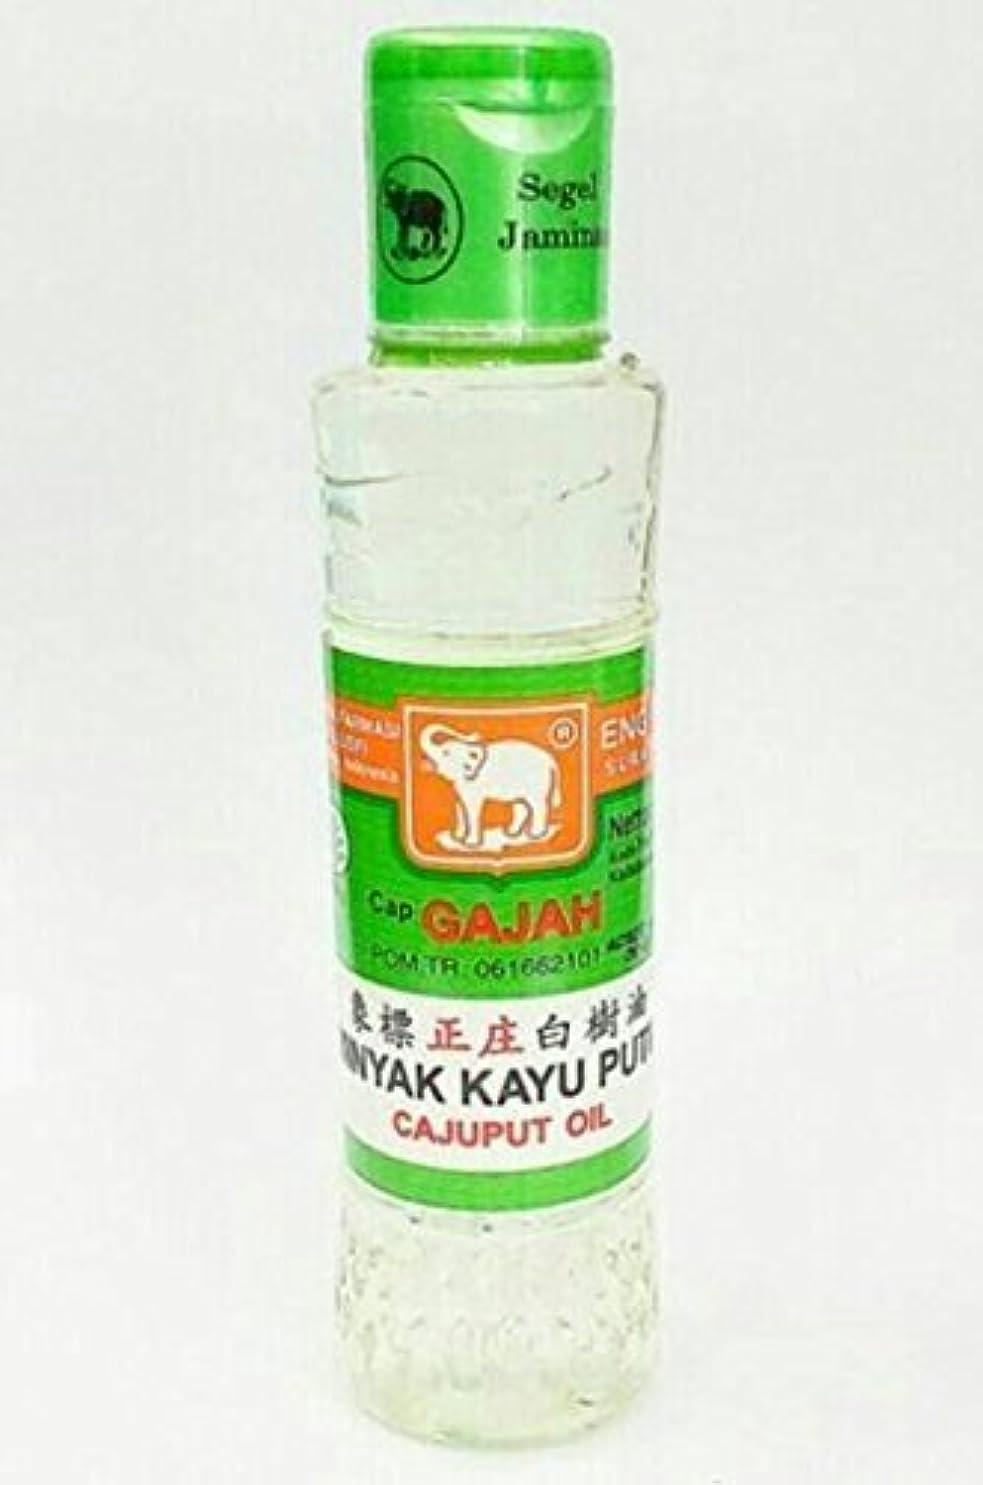 軽減シンプルなコジオスコCap Gajah Minyak Kayu Putih - Elephant Brand Cajuput Oil, 120ml by Elephant Brand